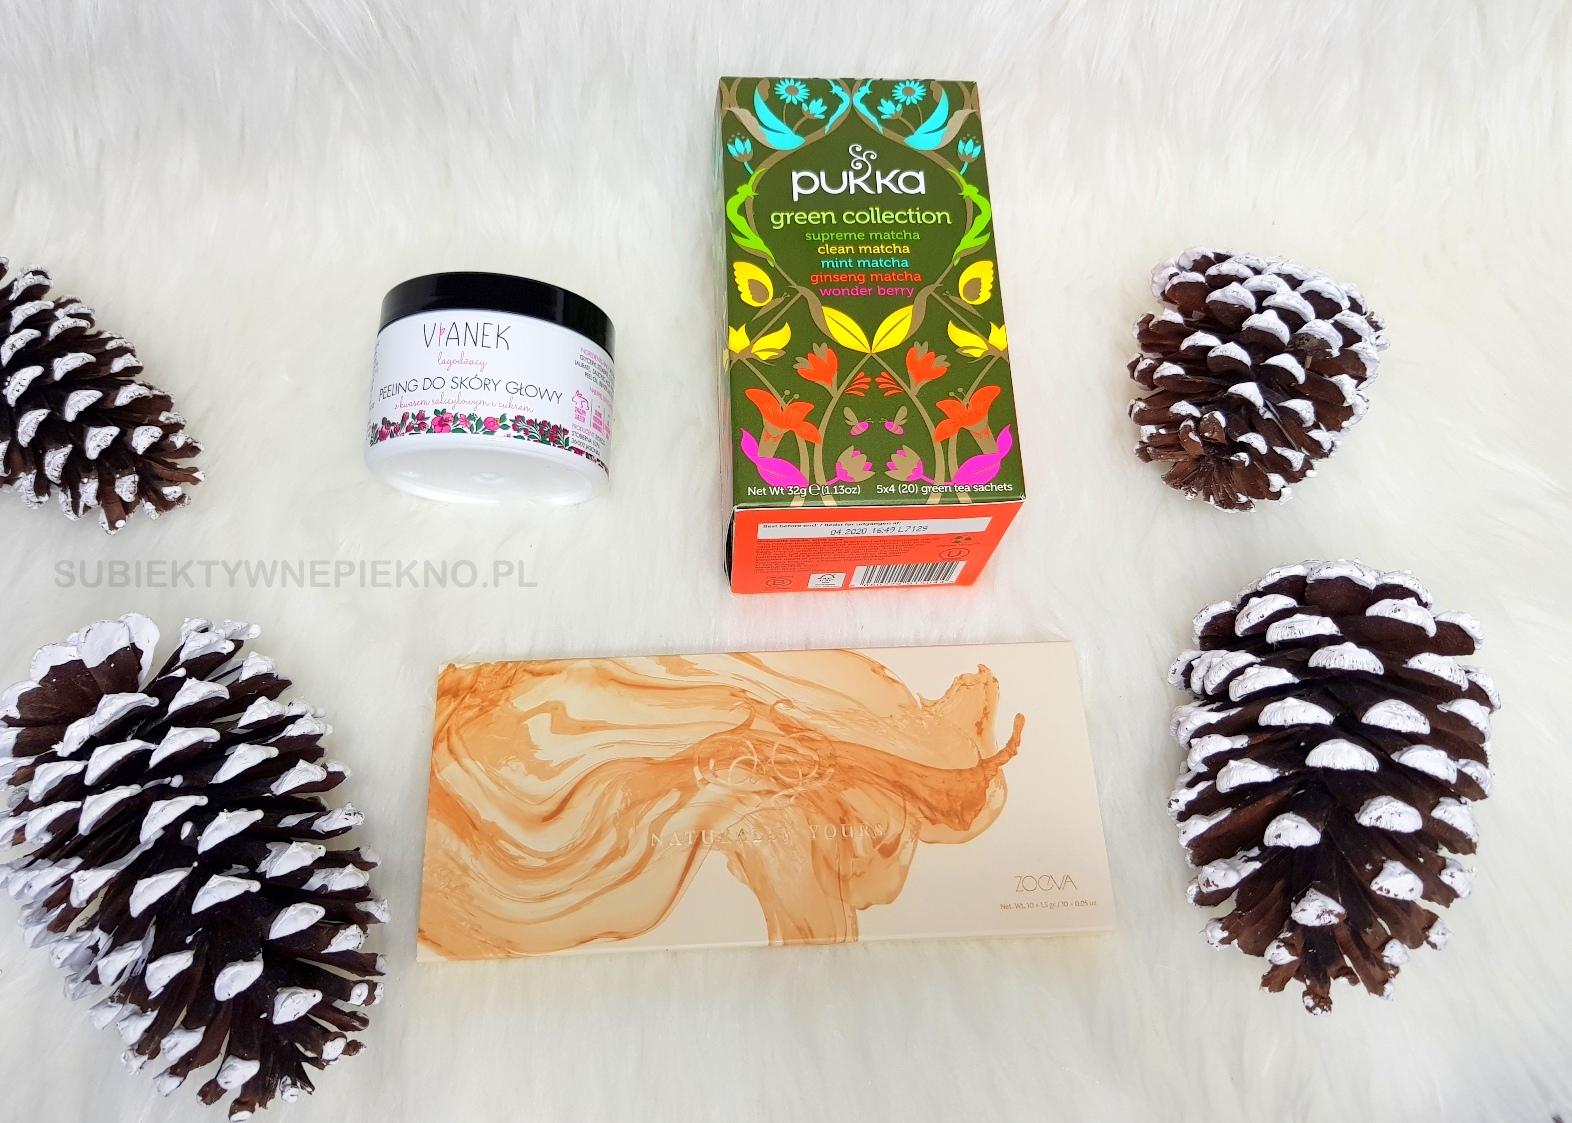 Nowości listopada - paleta Zoeva Naturally Yours, peeling do skóry głowy Sylveco, zielona herbata Pukka